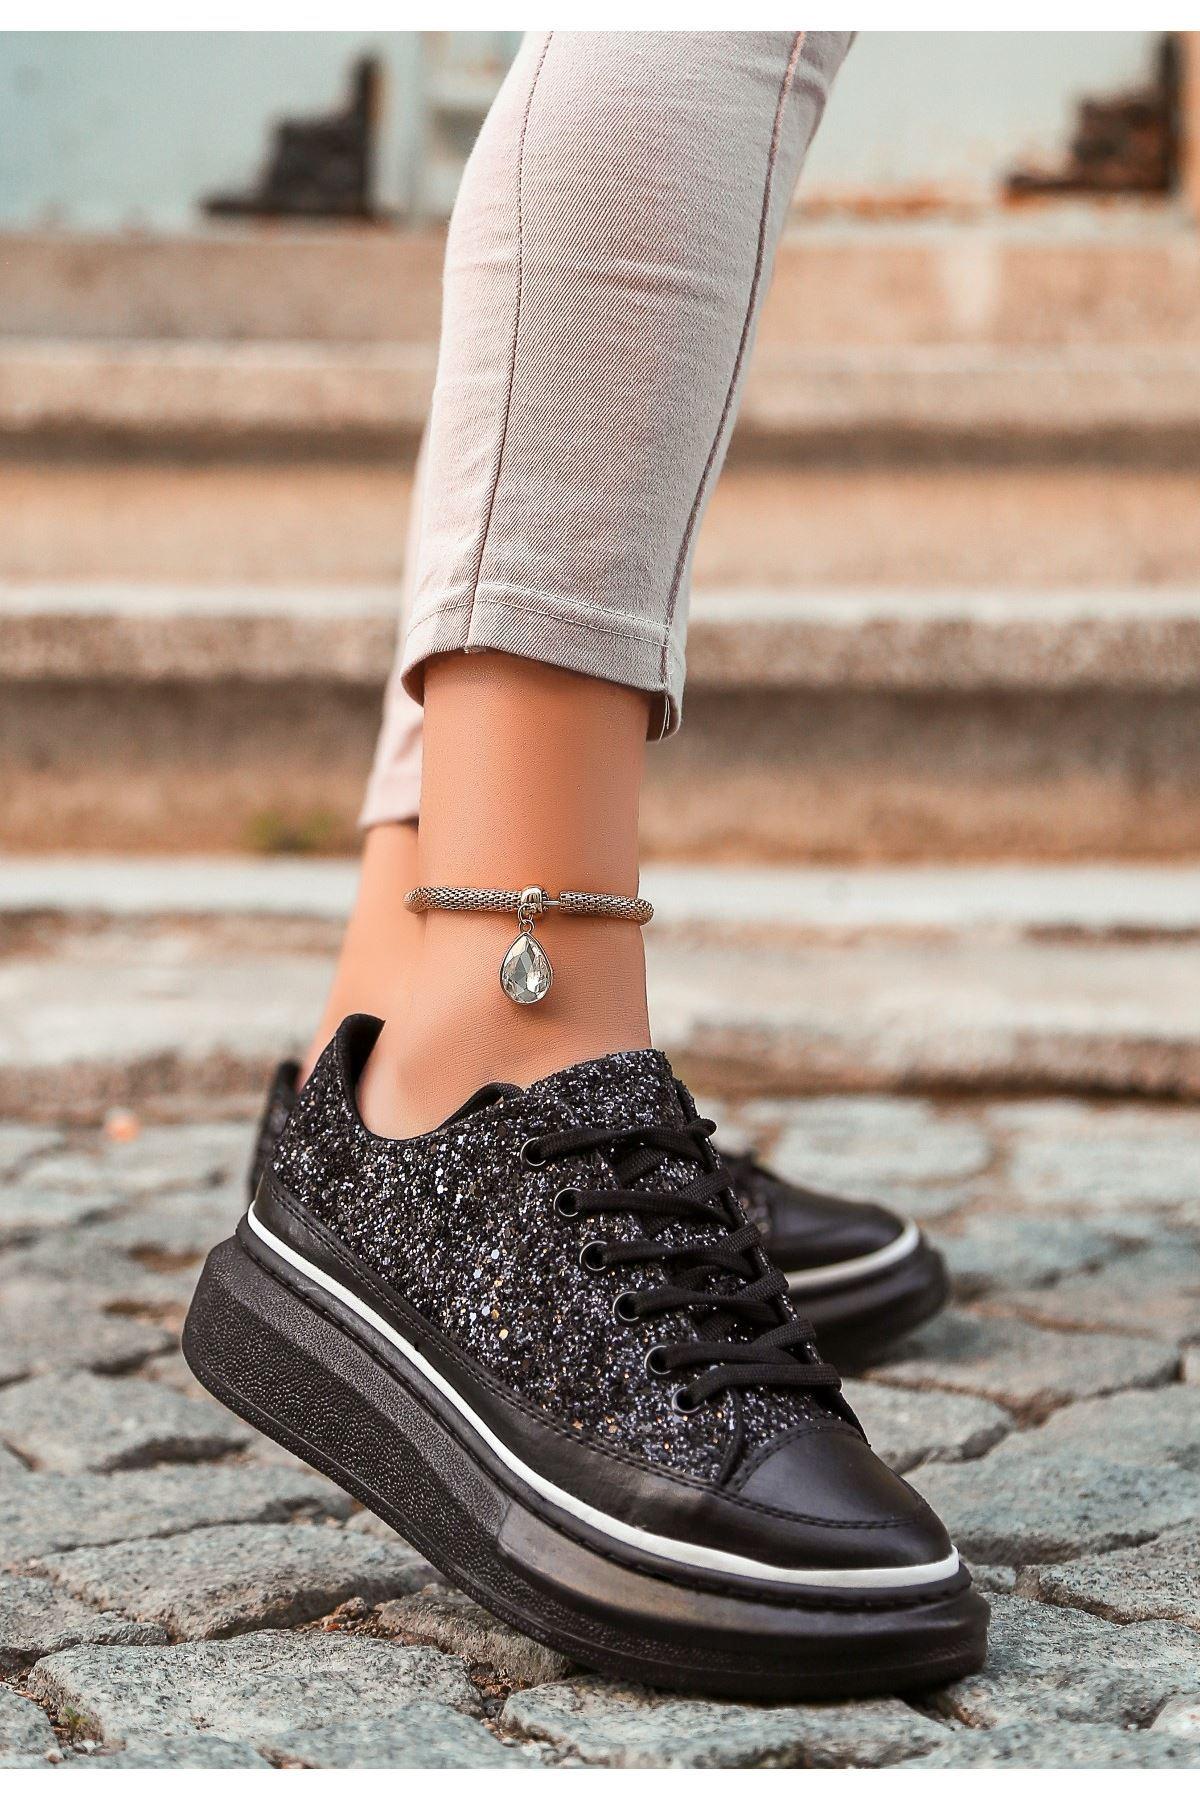 Voni Siyah Cilt Simli Beyaz Detaylı Spor Ayakkabı